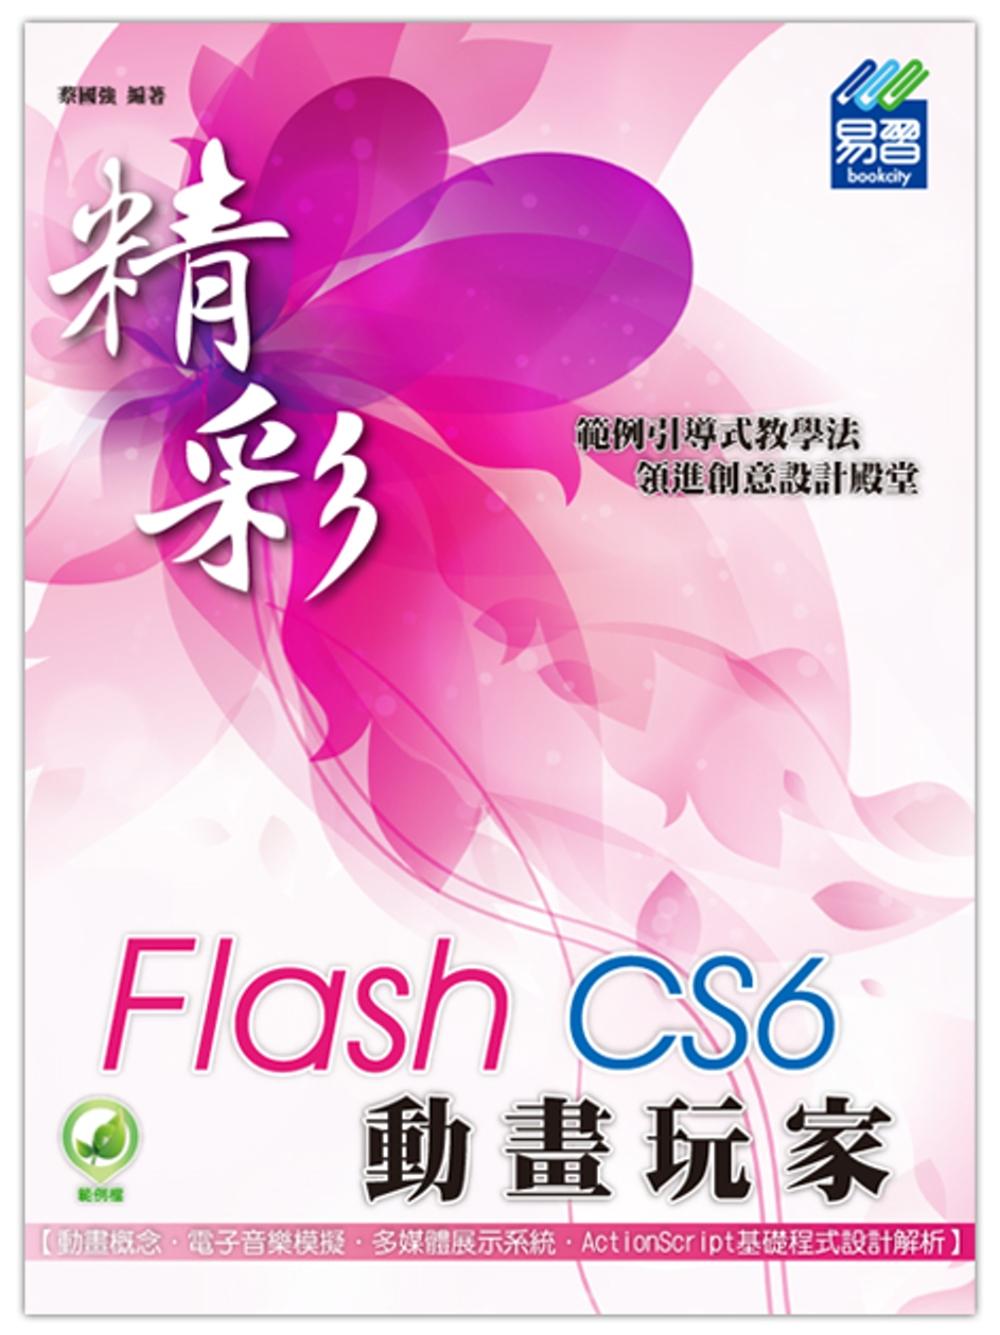 精彩 Flash...